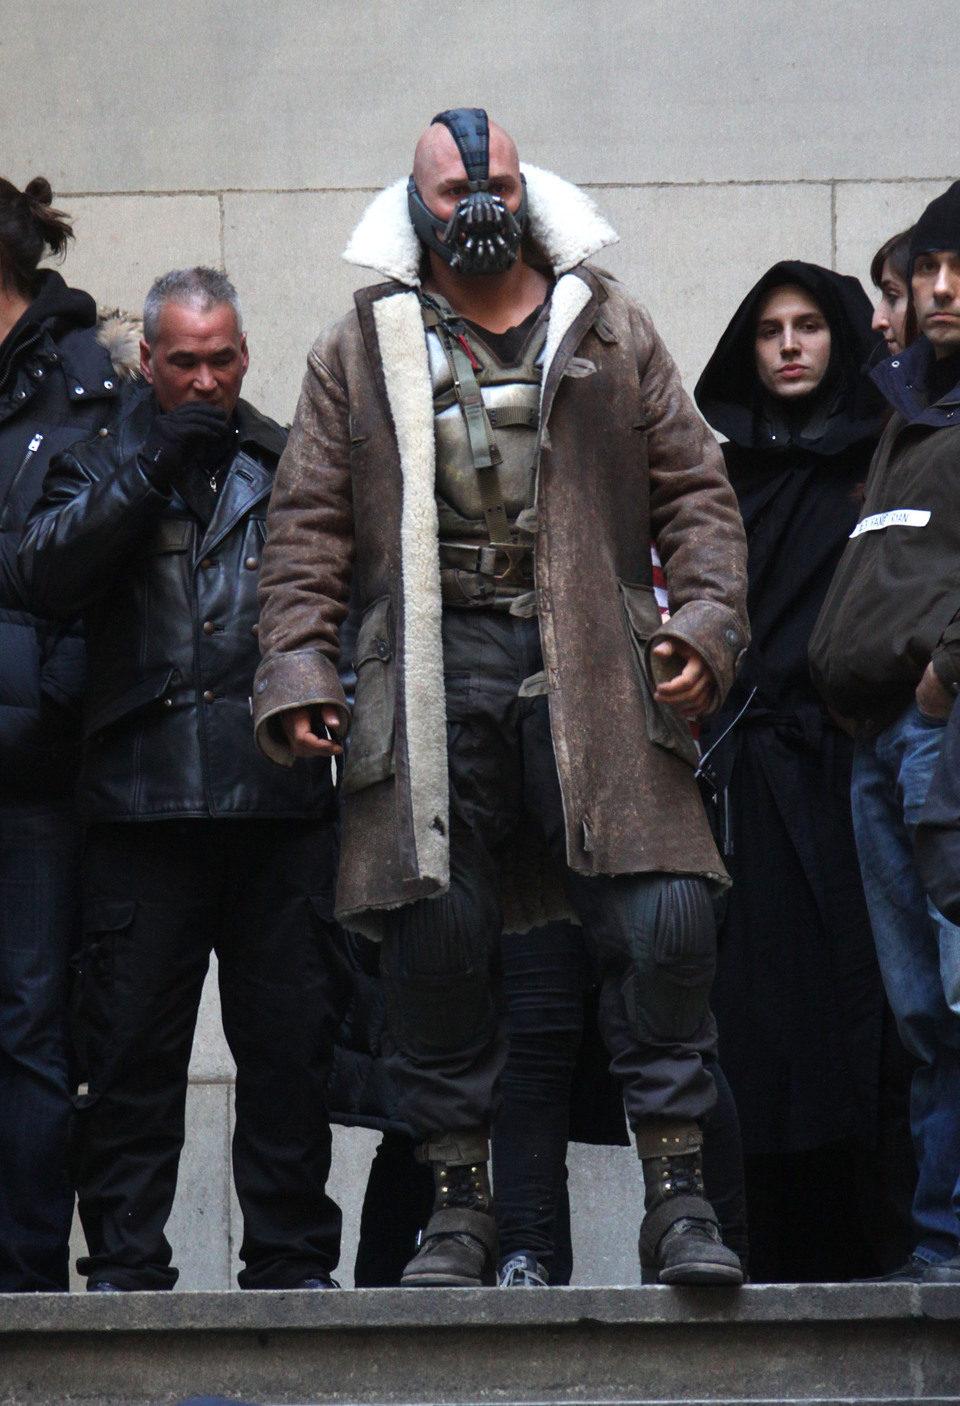 El Caballero Oscuro: La leyenda renace, fotograma 13 de 31